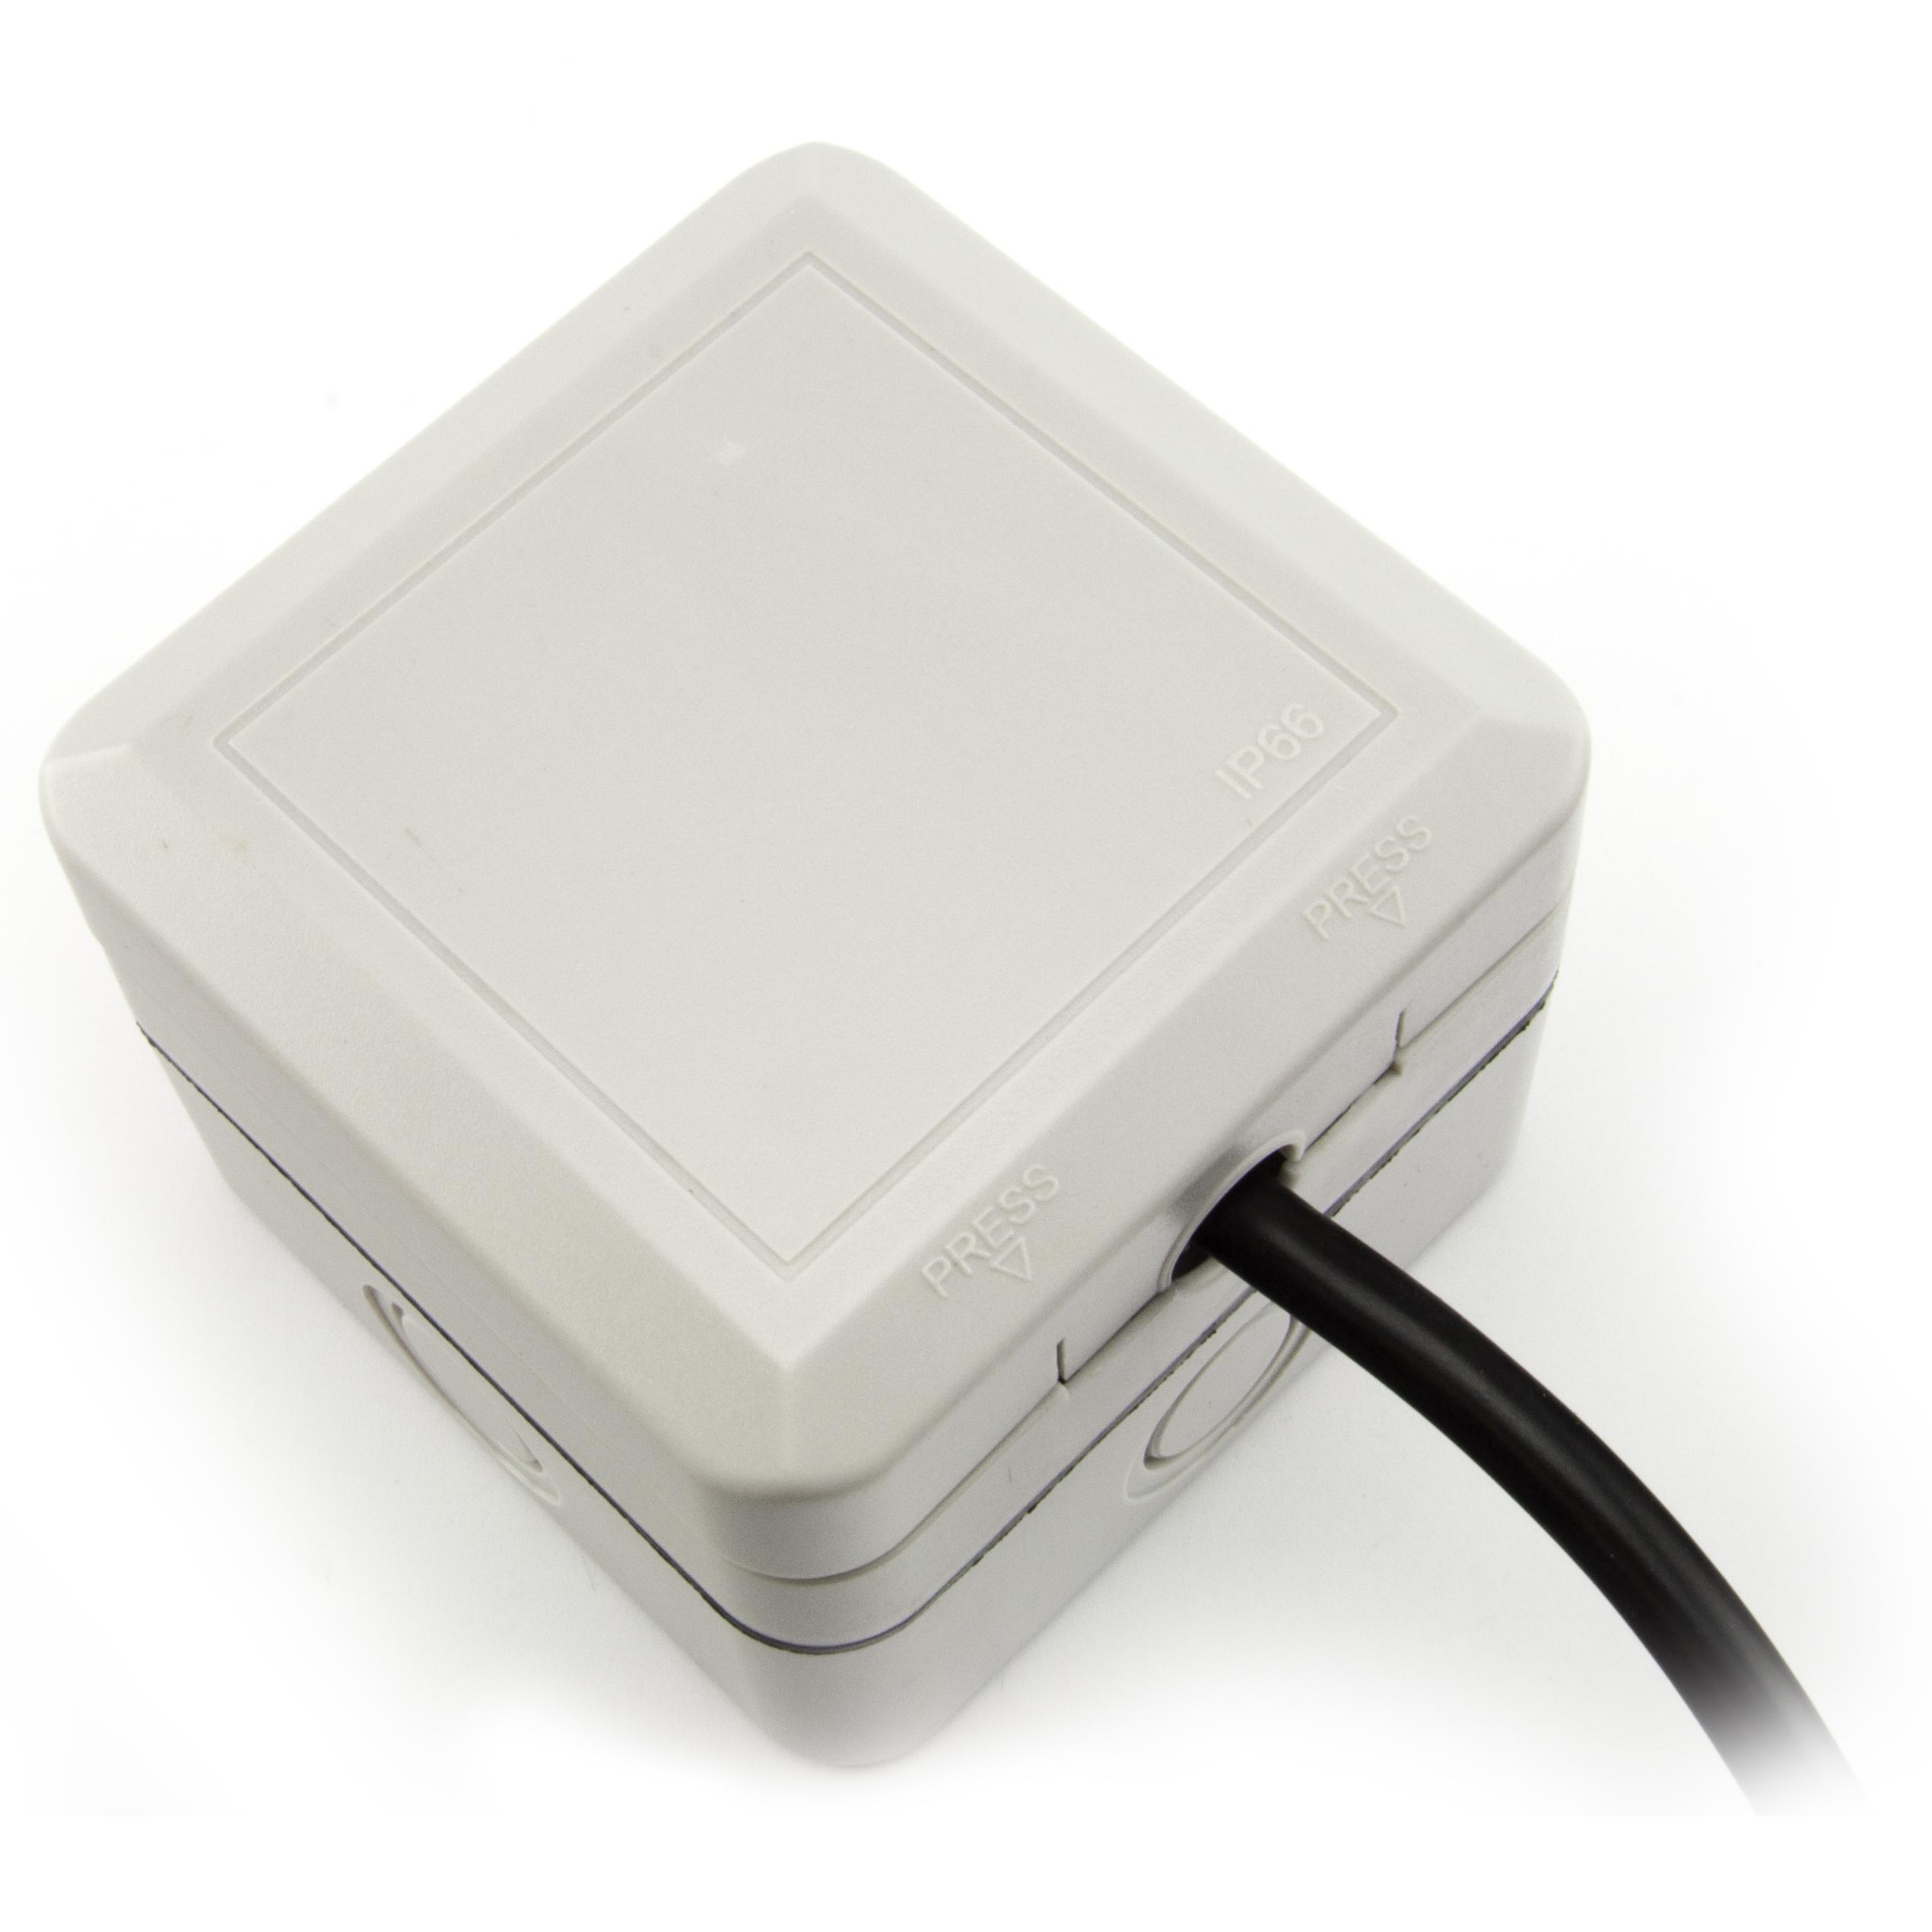 Waterproof Outdoor Garden Uk 3 Pin 240v Plug Socket